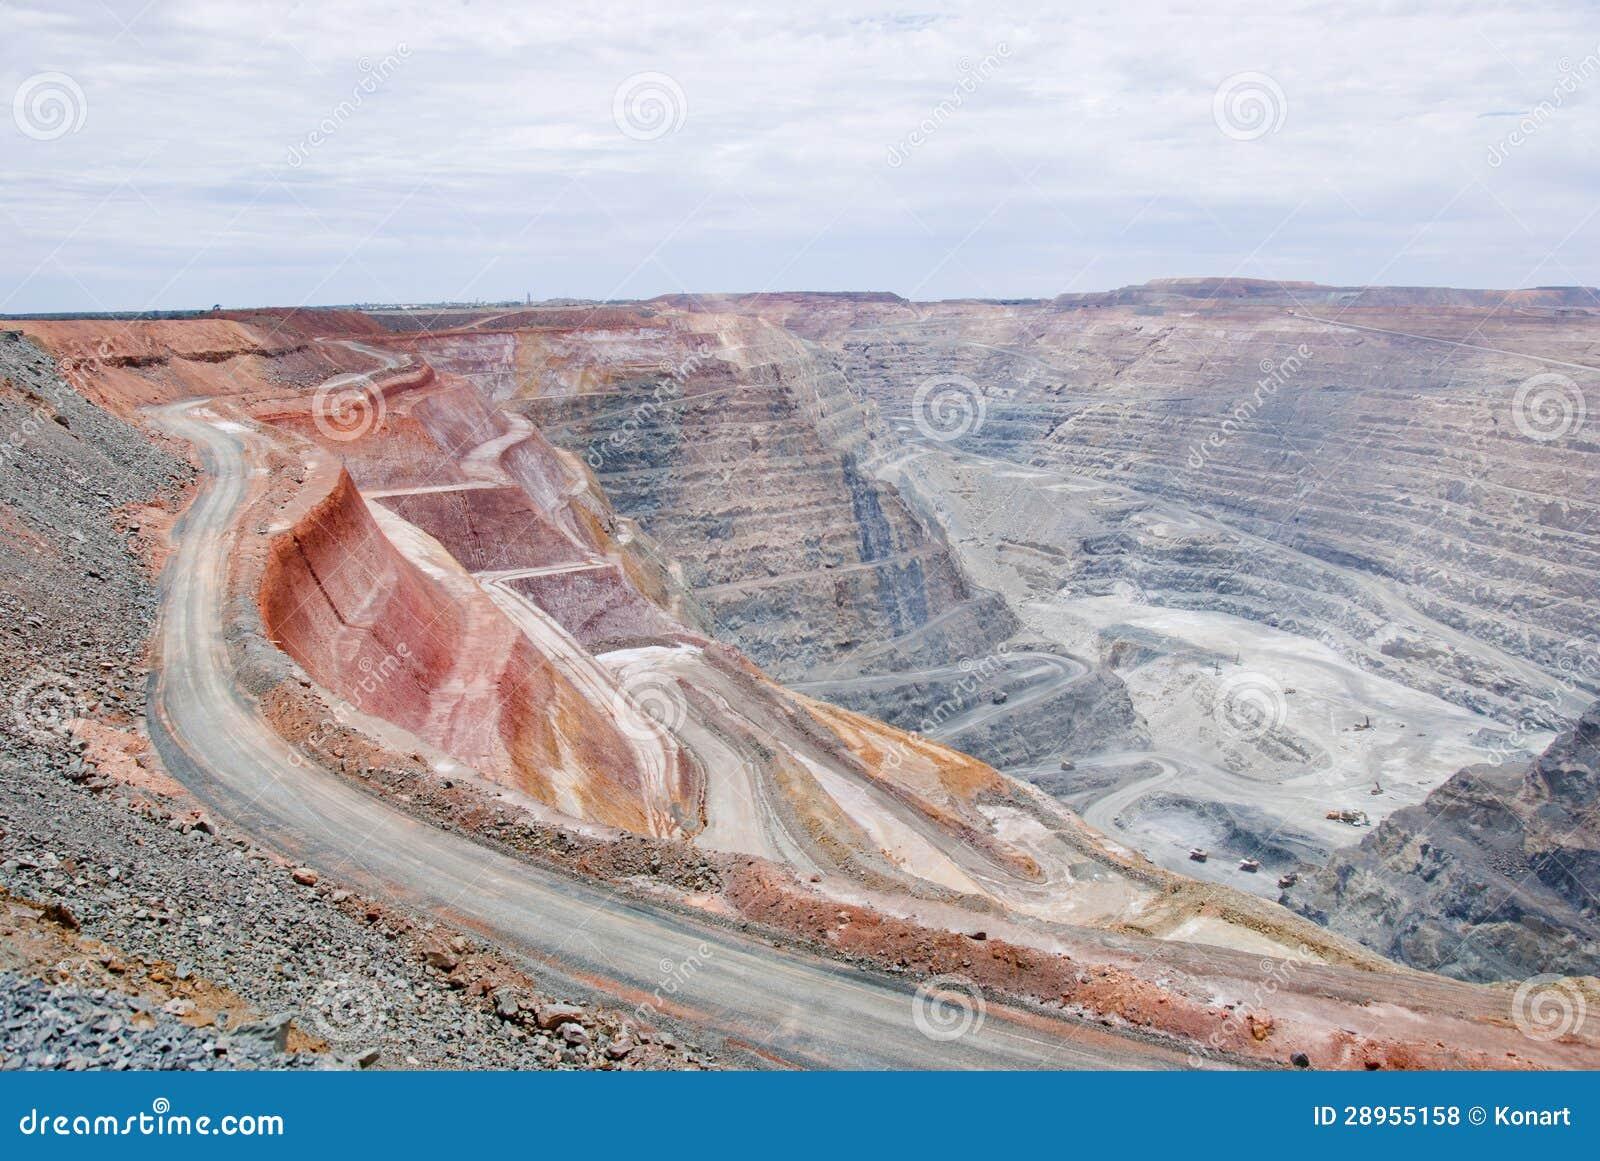 Duża kopalniana jama z małymi usyp ciężarówkami i czerwonawą ziemią